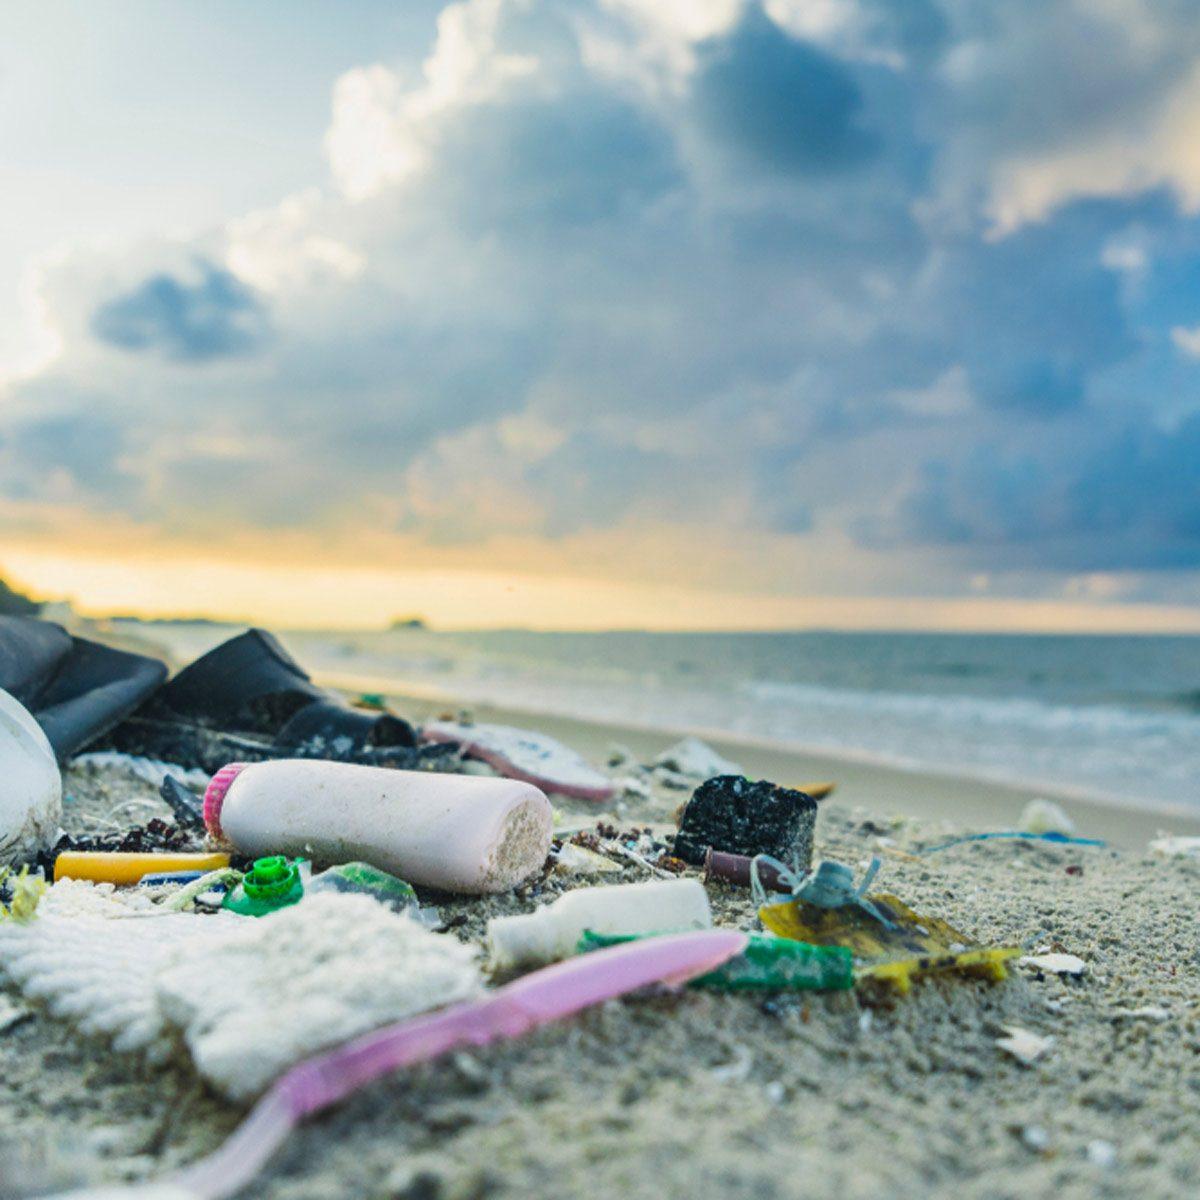 ocean plastic garbage on beach